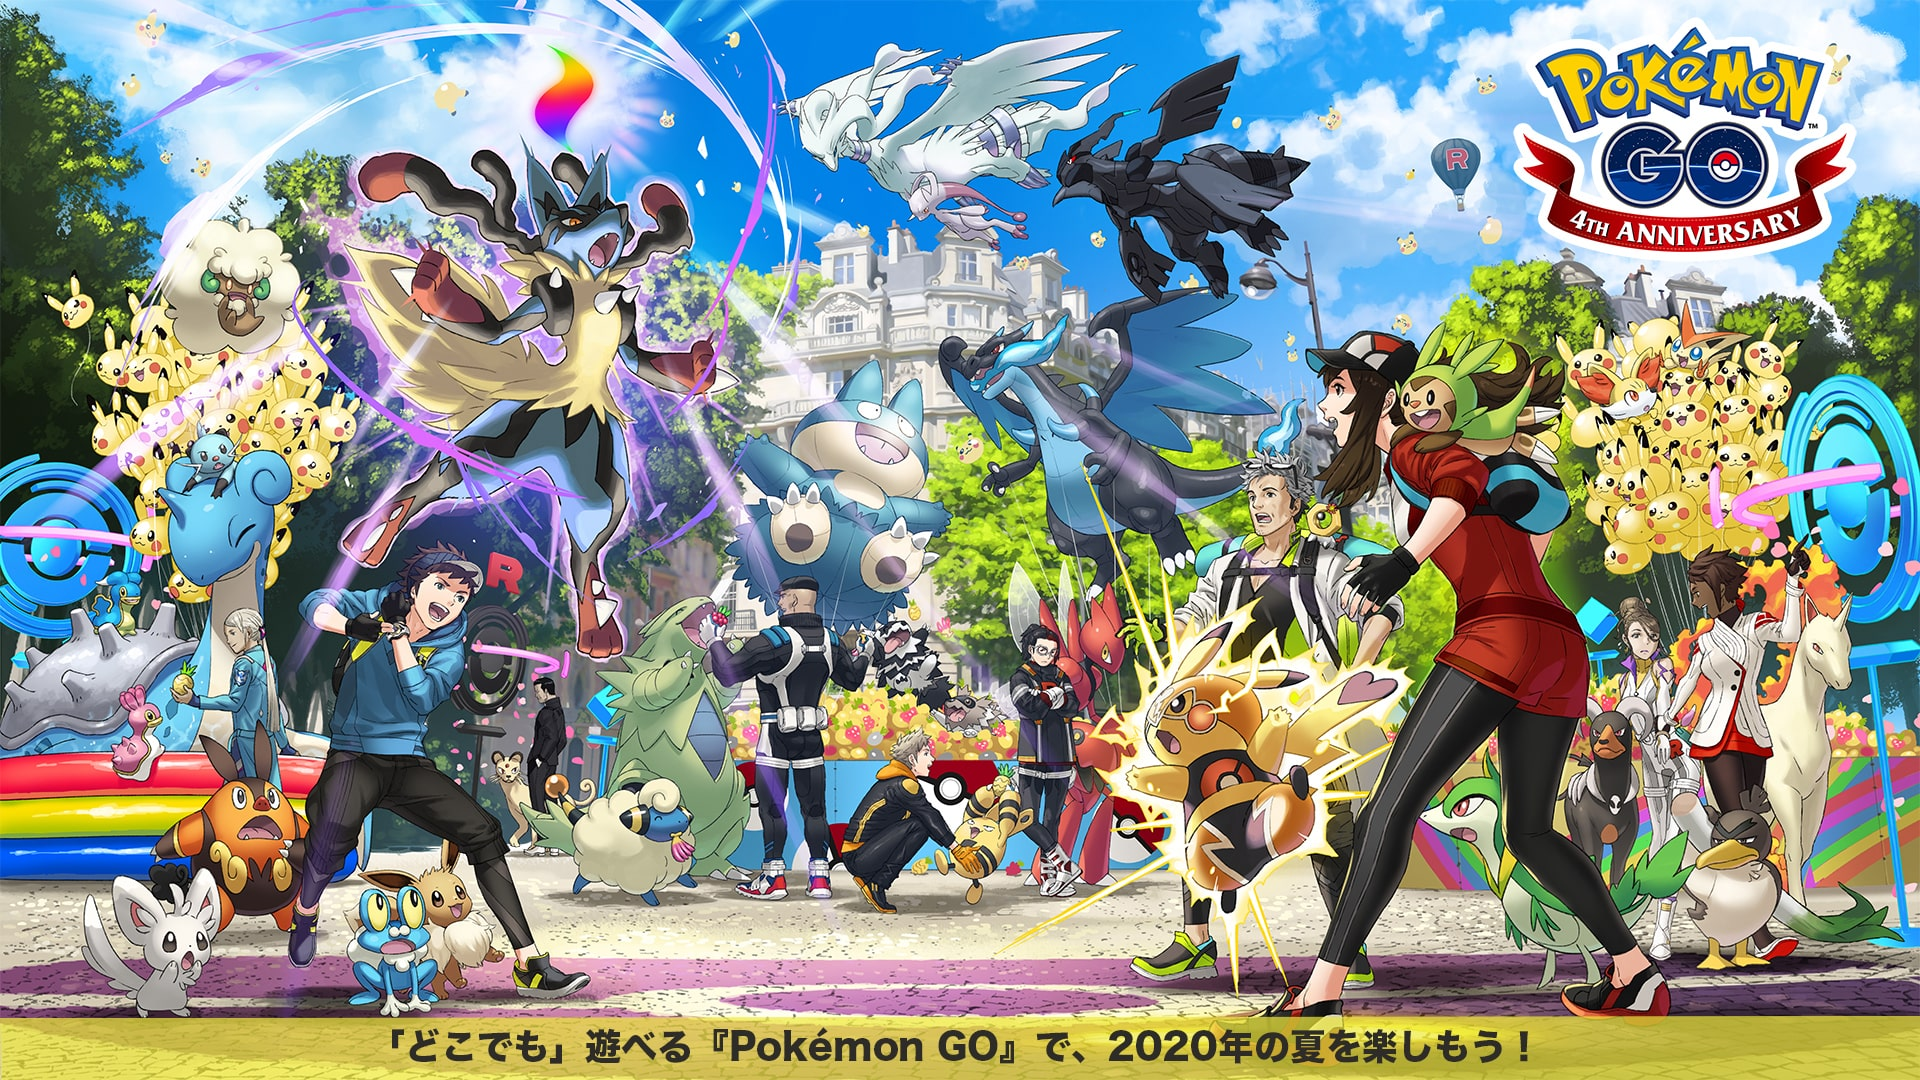 どこでも 遊べる Pokemon Go で 2020年の夏を楽しもう Pokemon Go 公式サイト